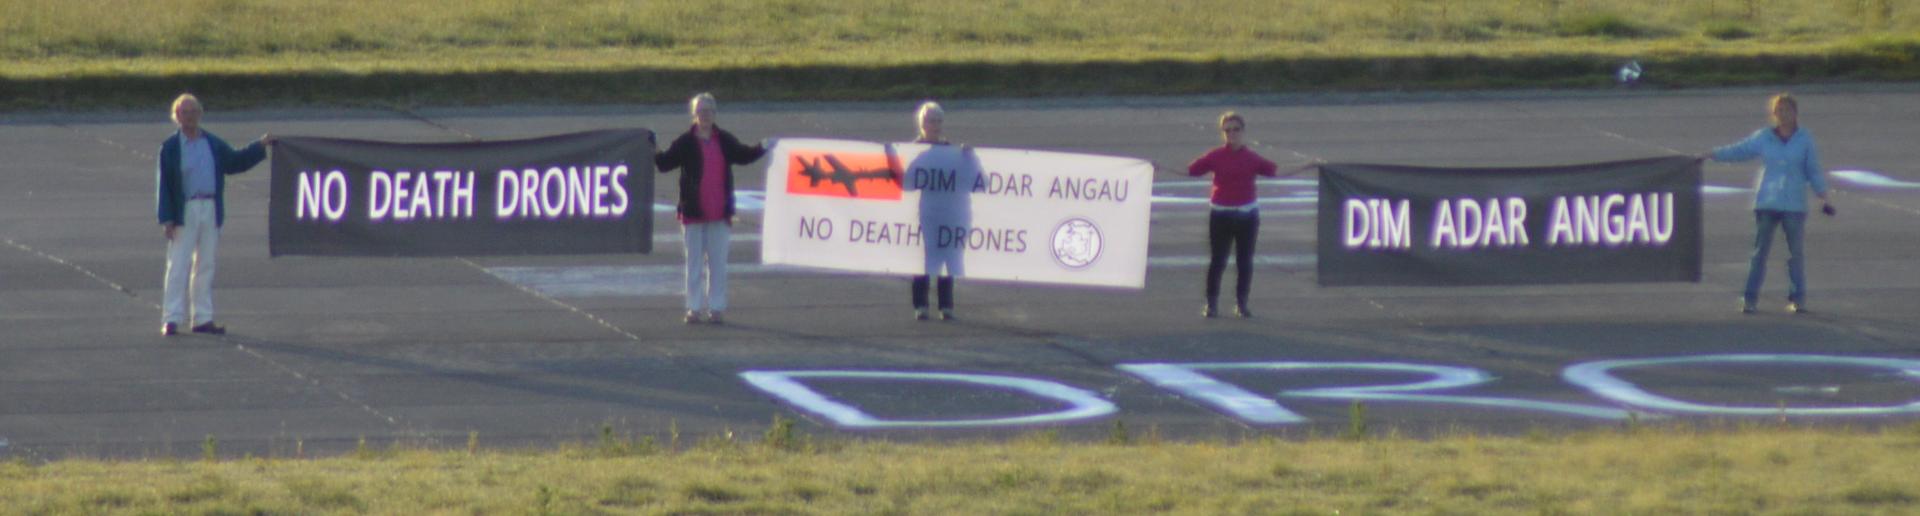 Protest Adar Angau Llanbedr 2014